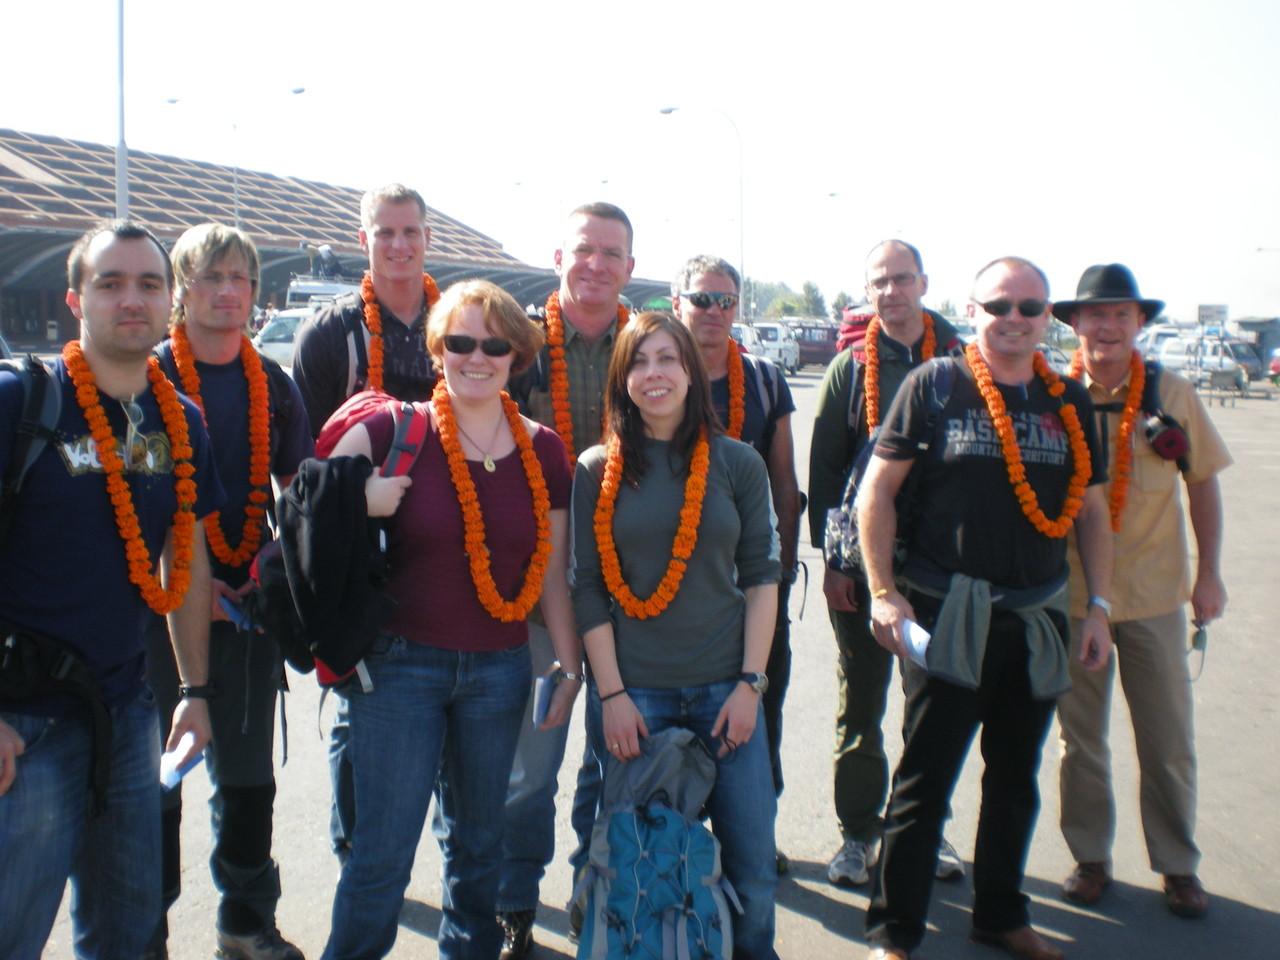 Ankunft mit Blumenkranz in Kathmandu